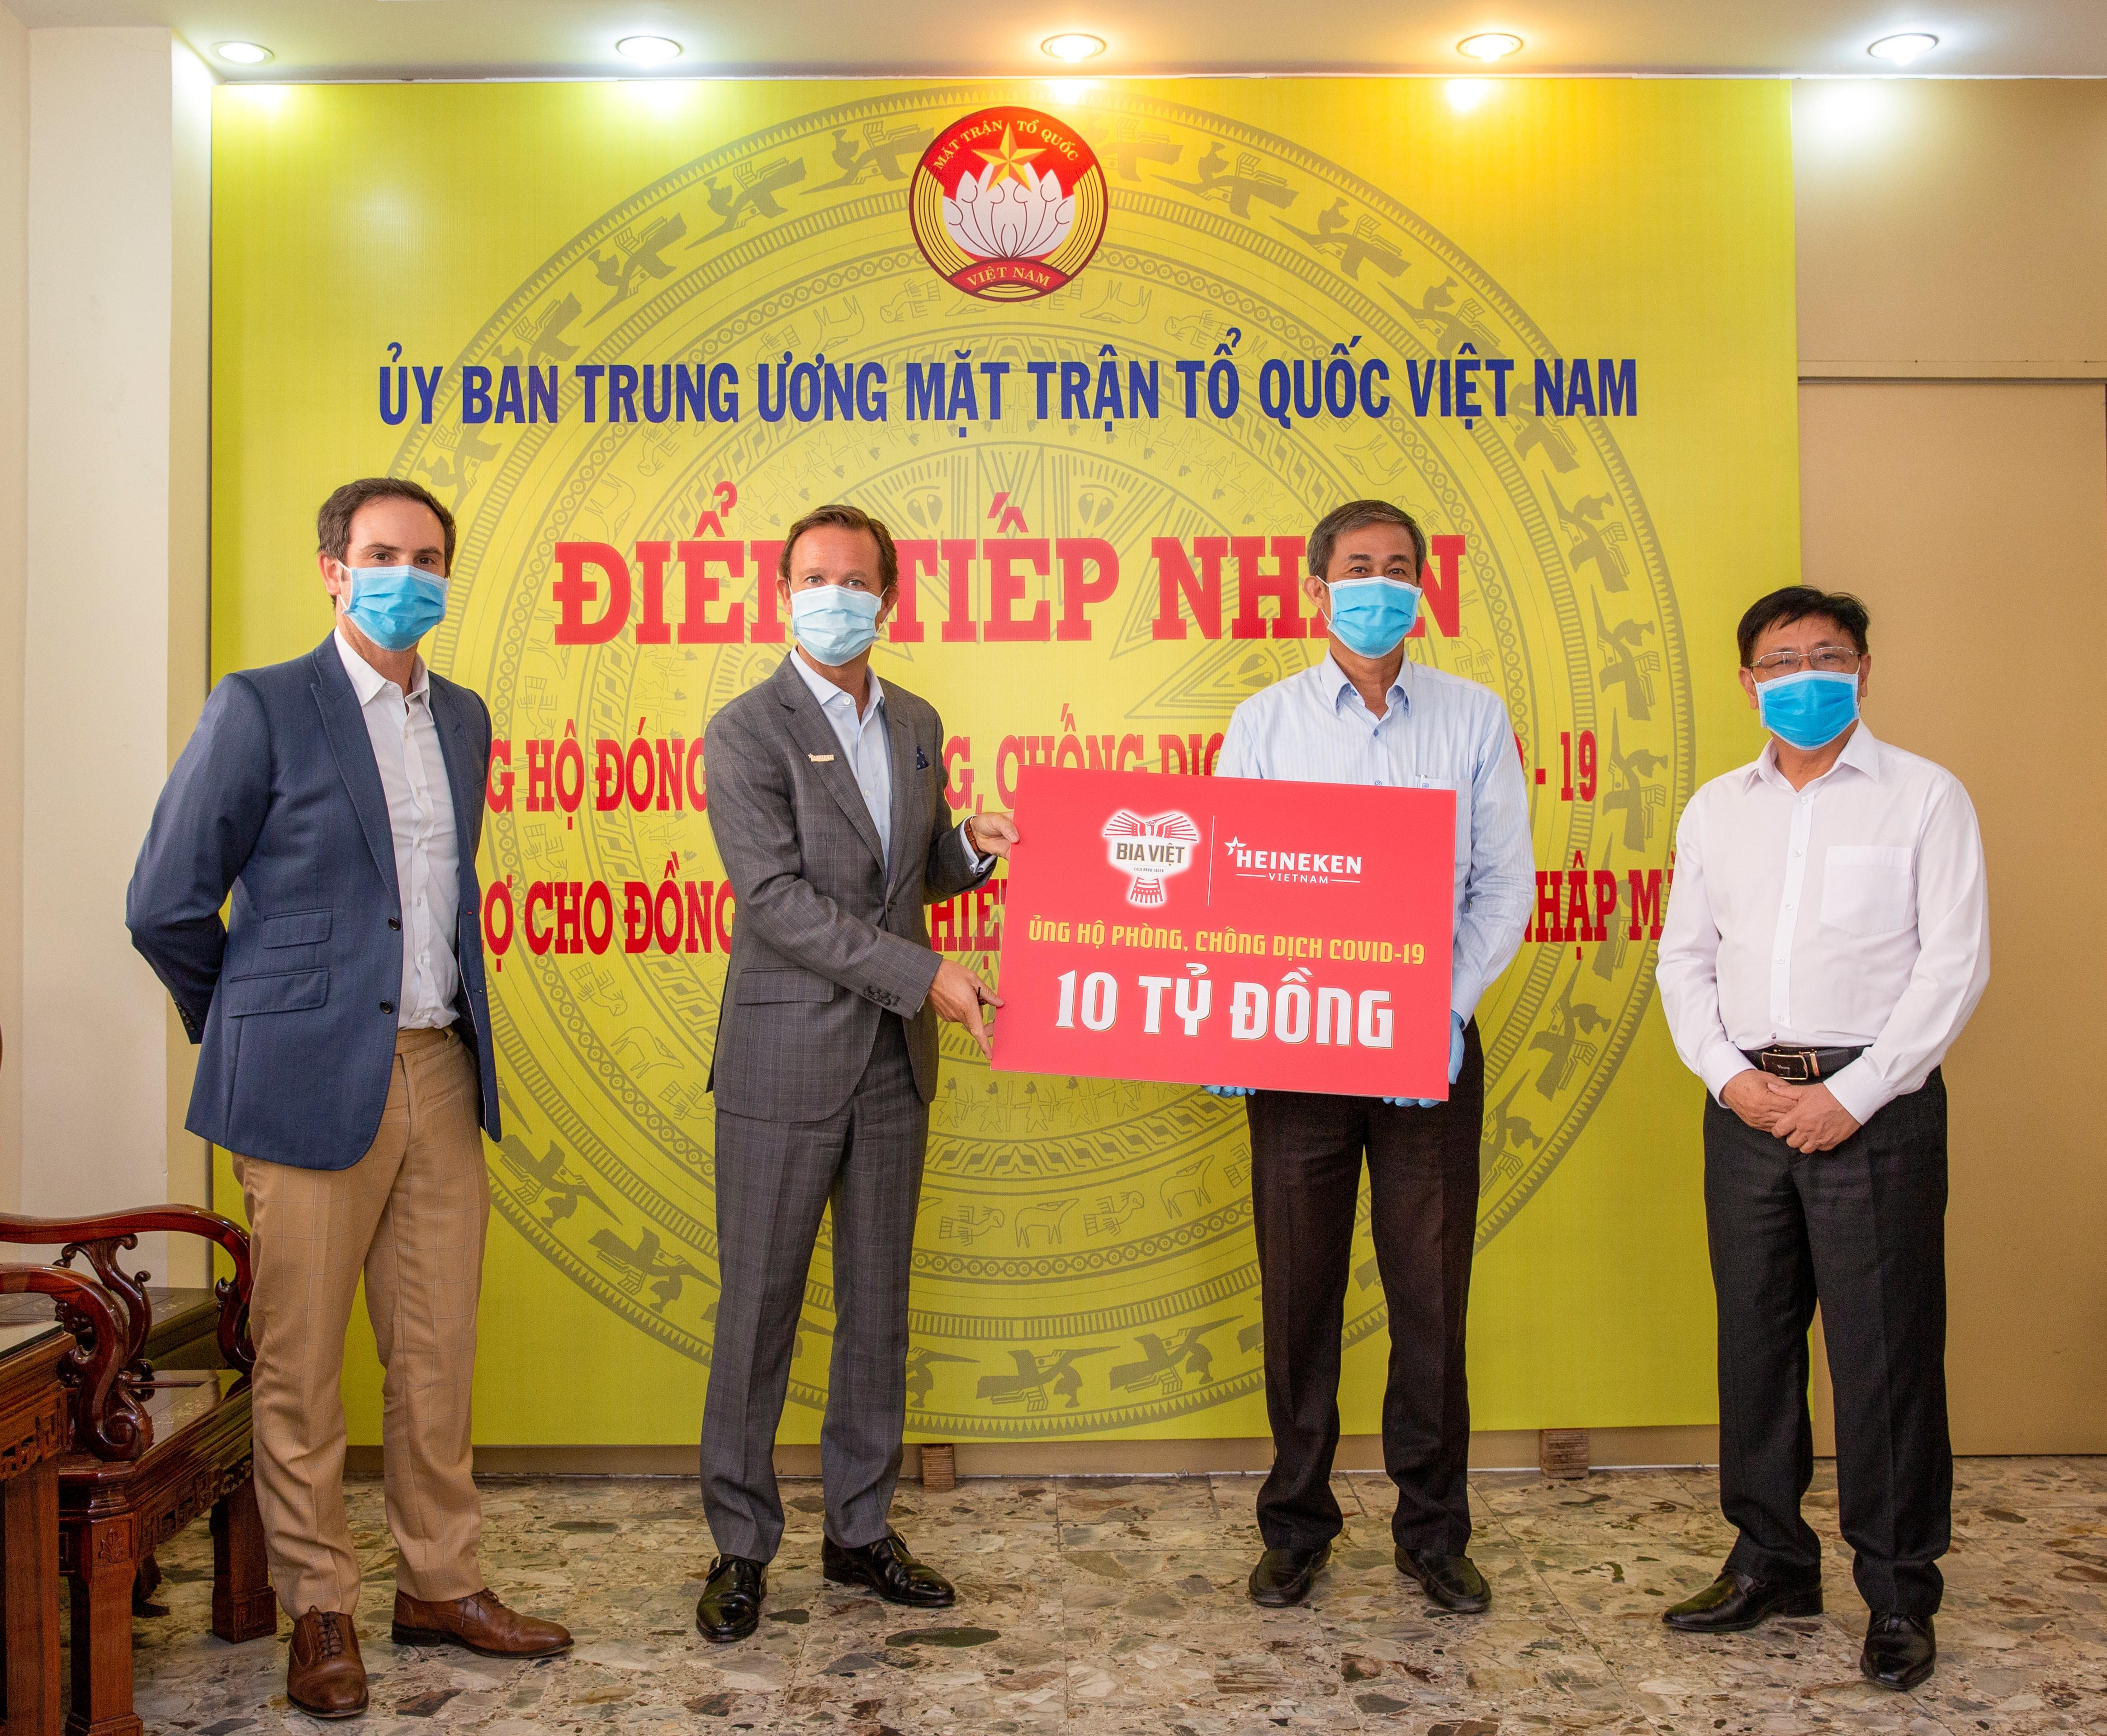 HEINEKEN Vietnam and Bia Viet donated VND 10 billion to support COVID-19 relief efforts in Vietnam - 1.jpg